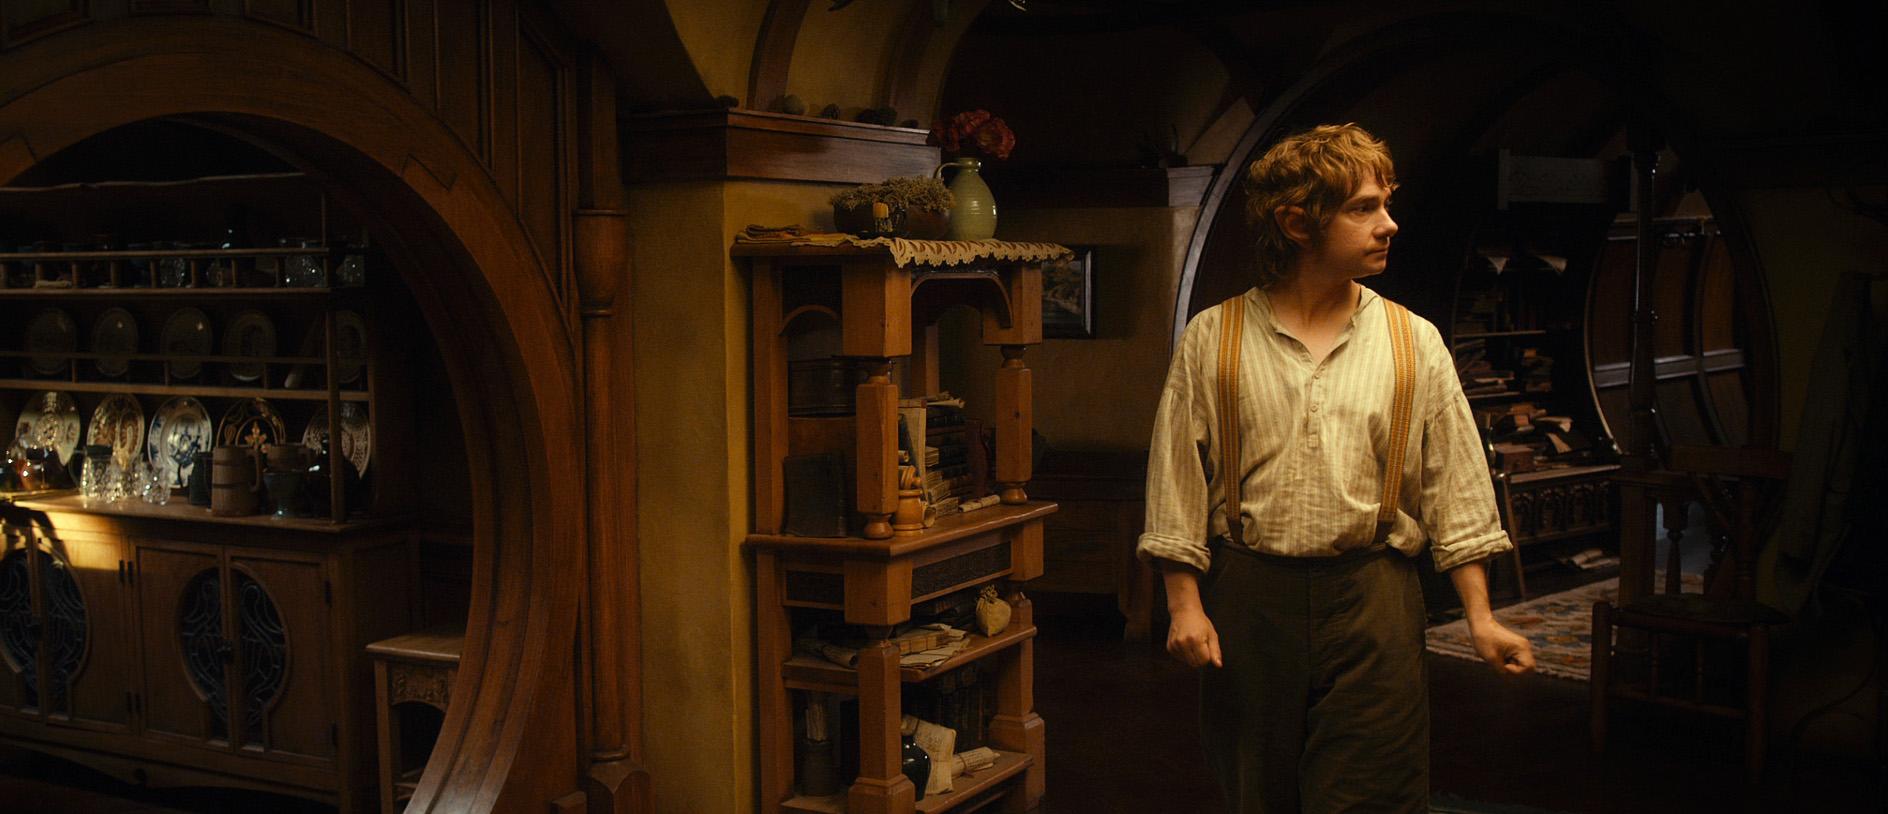 кадры из фильма Хоббит: Нежданное путешествие Мартин Фримен,